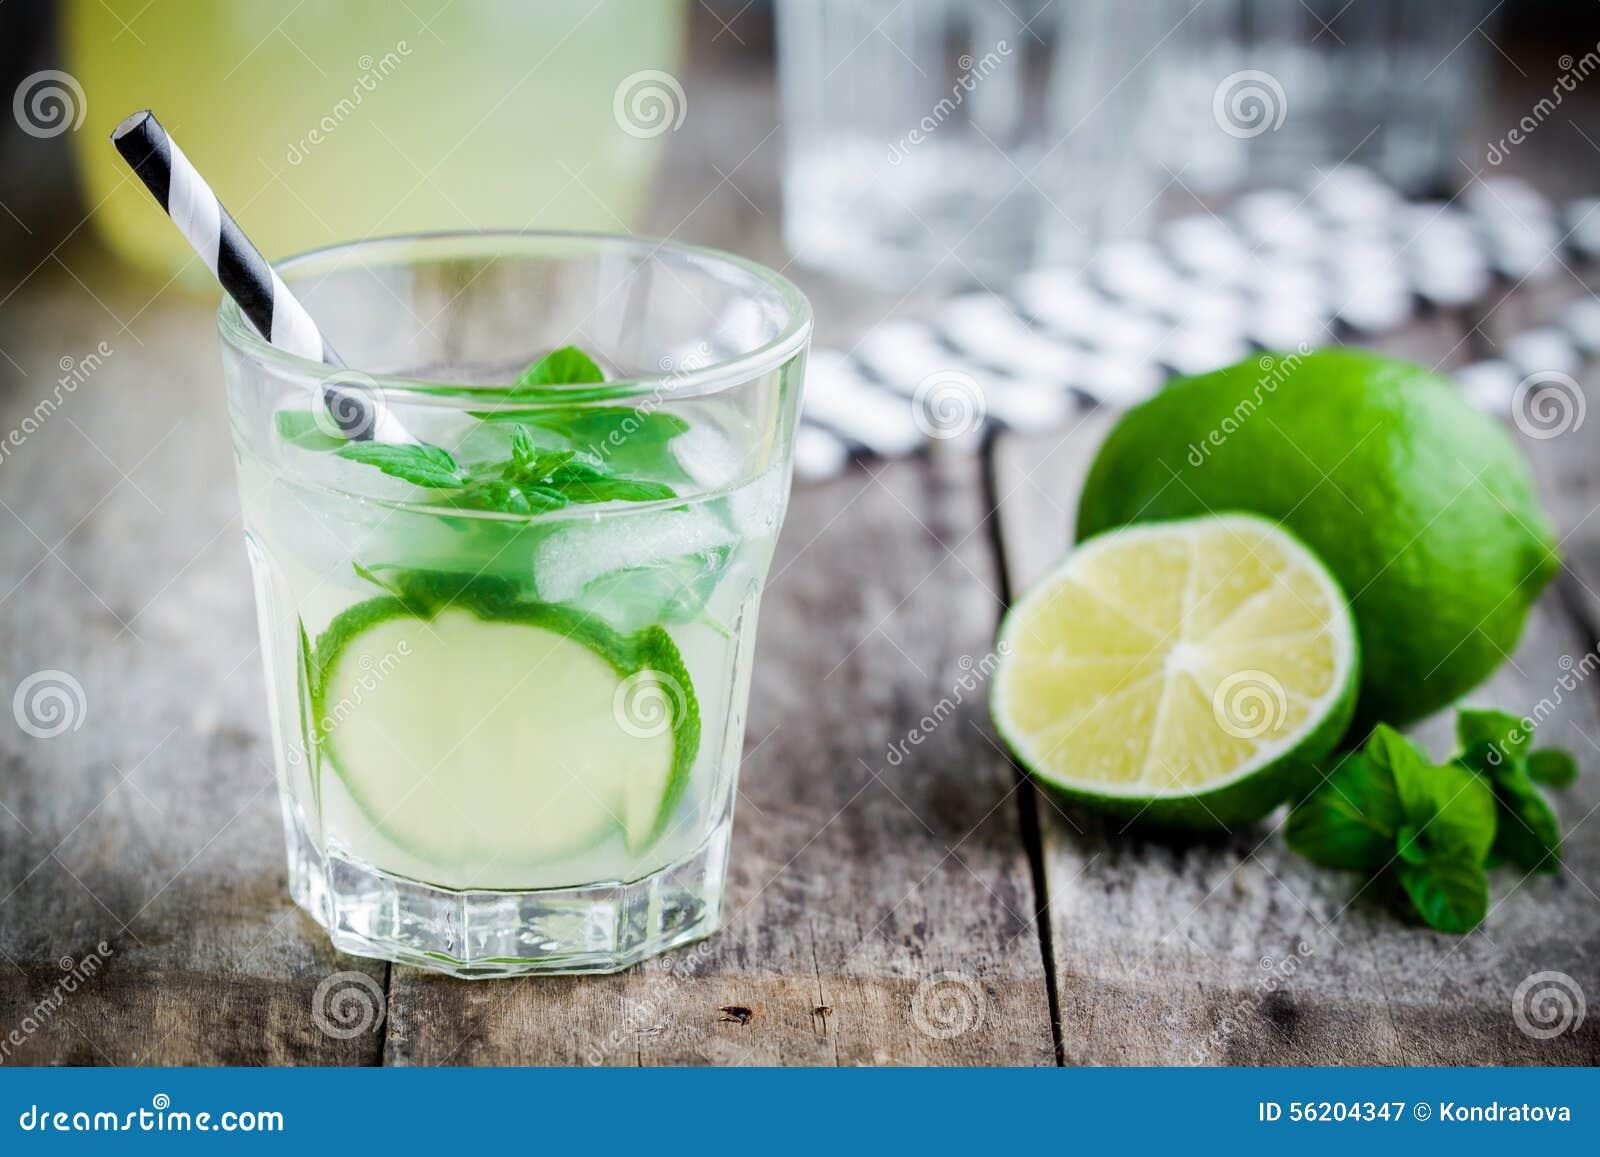 Hemlagad lemonad med limefrukt, mintkaramellen och is på en trätabell